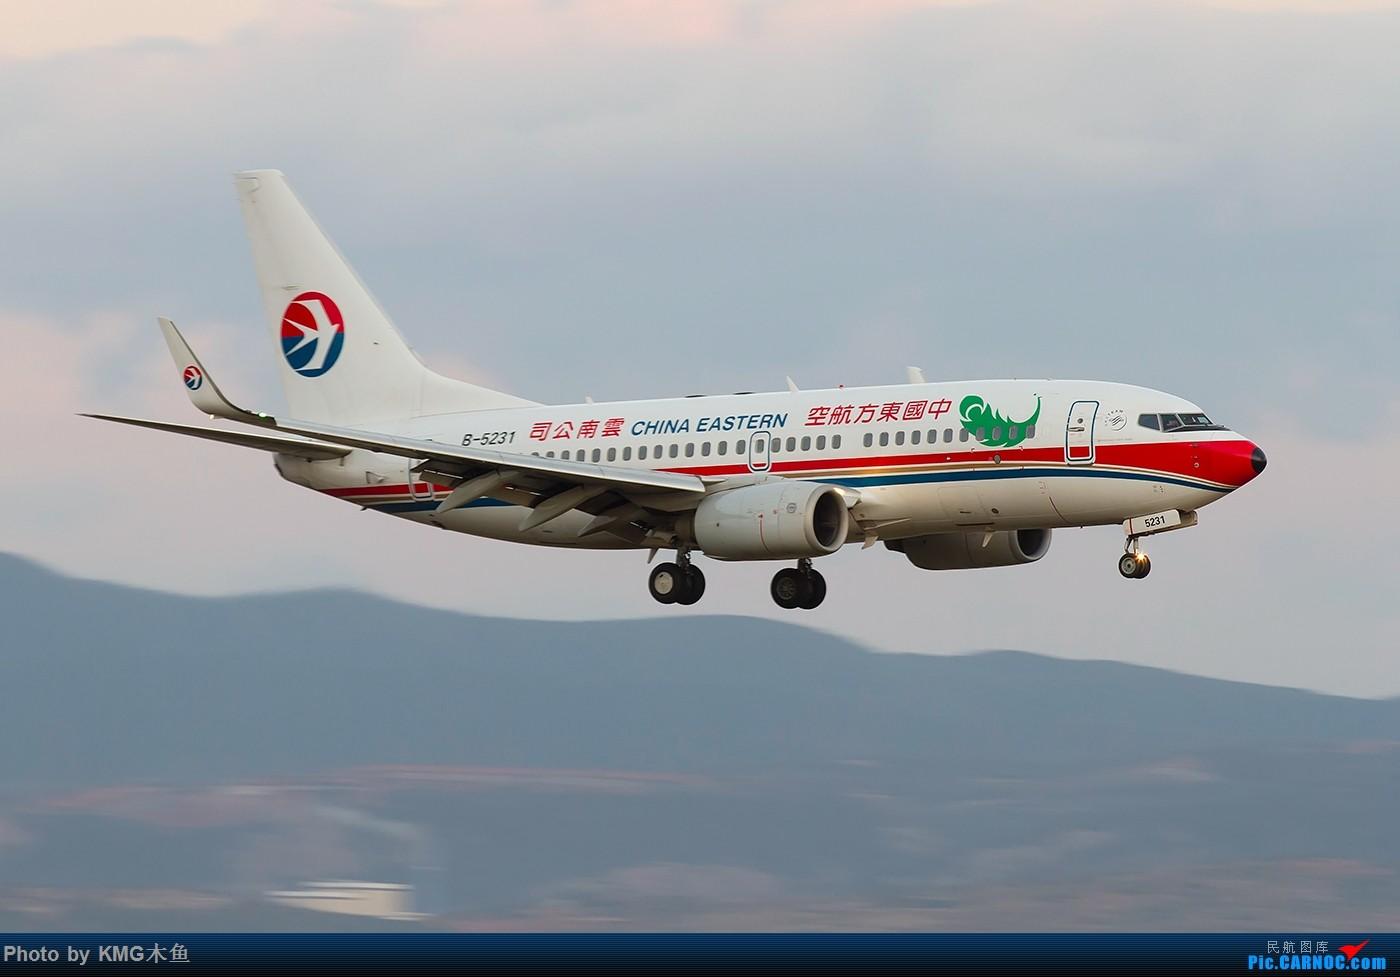 Re:[原创]【KMG】【昆明飞友会-KMG木鱼】2016年一月的周末从白天拍到天黑,临走时还来了一架波音777 BOEING 737-700 B-5231 中国昆明长水国际机场